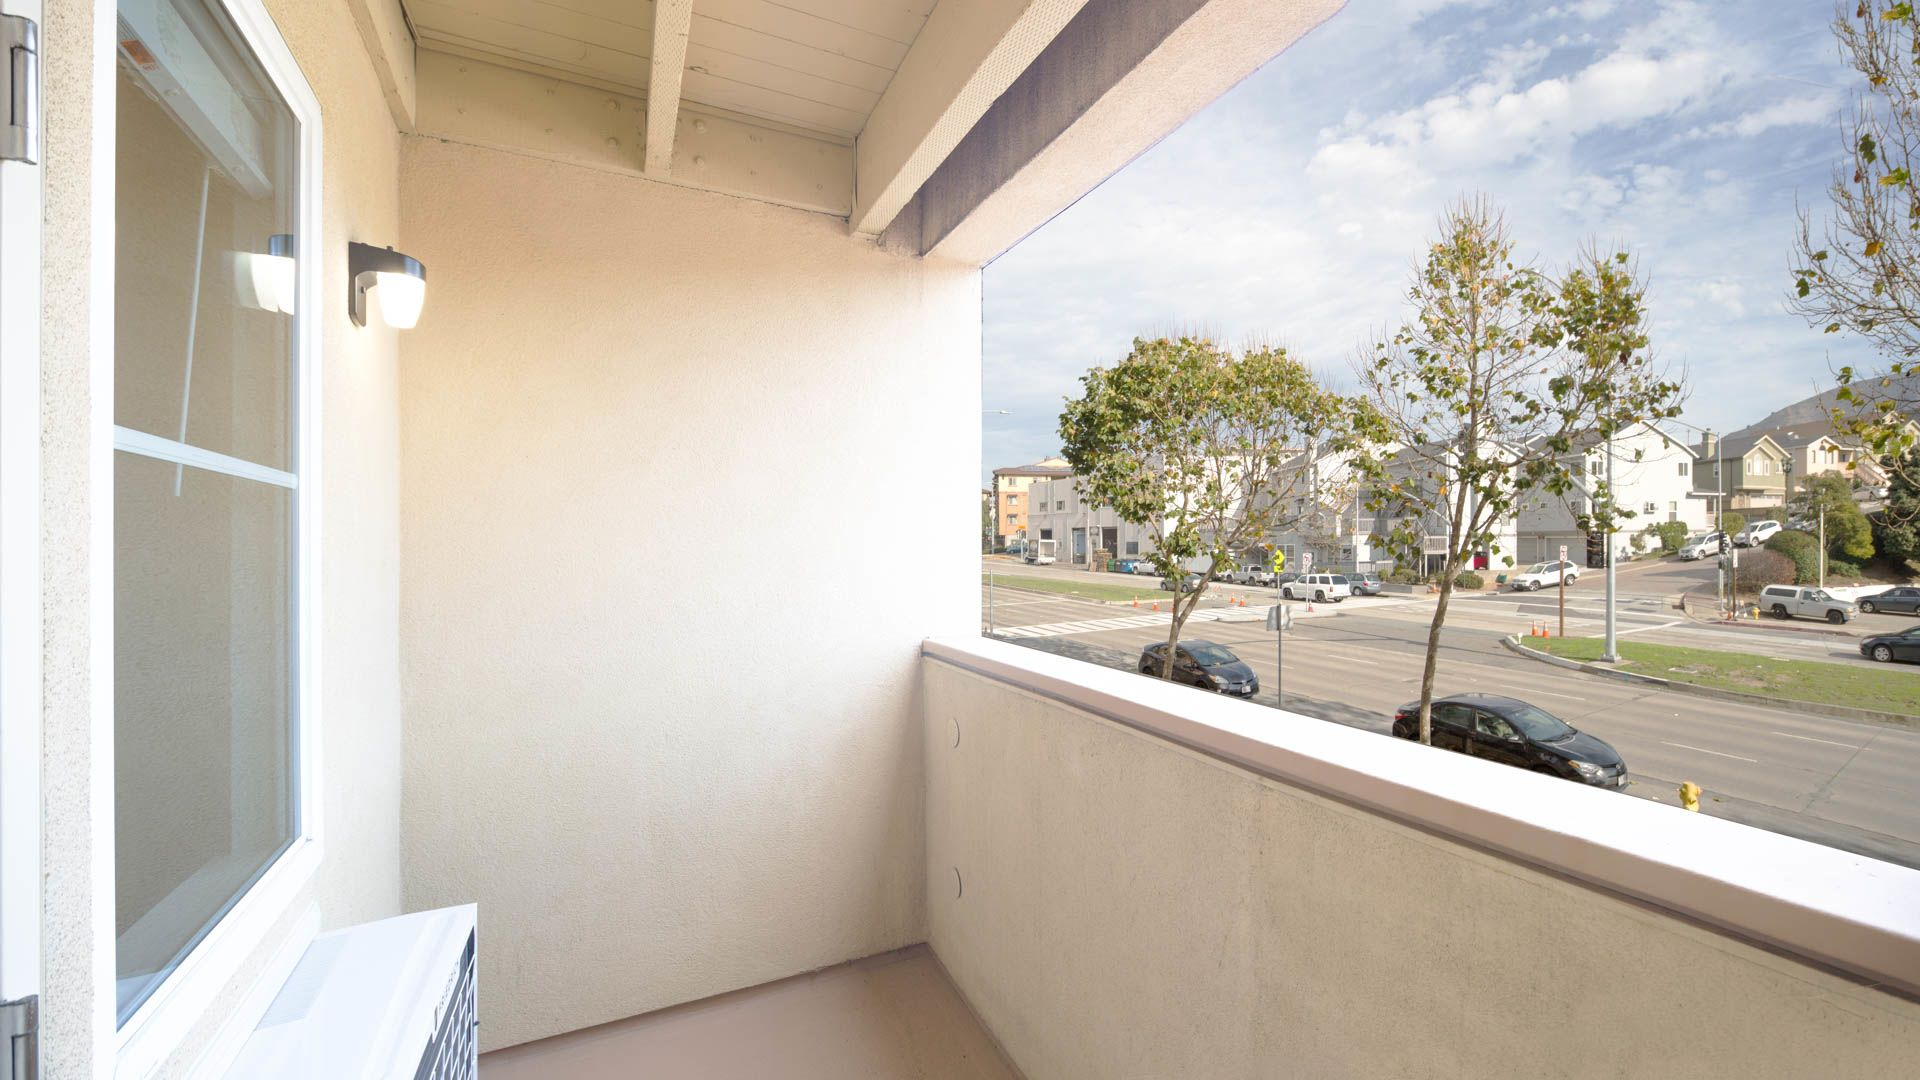 La Terrazza Apartments - Colma - 7800 El Camino Real ...